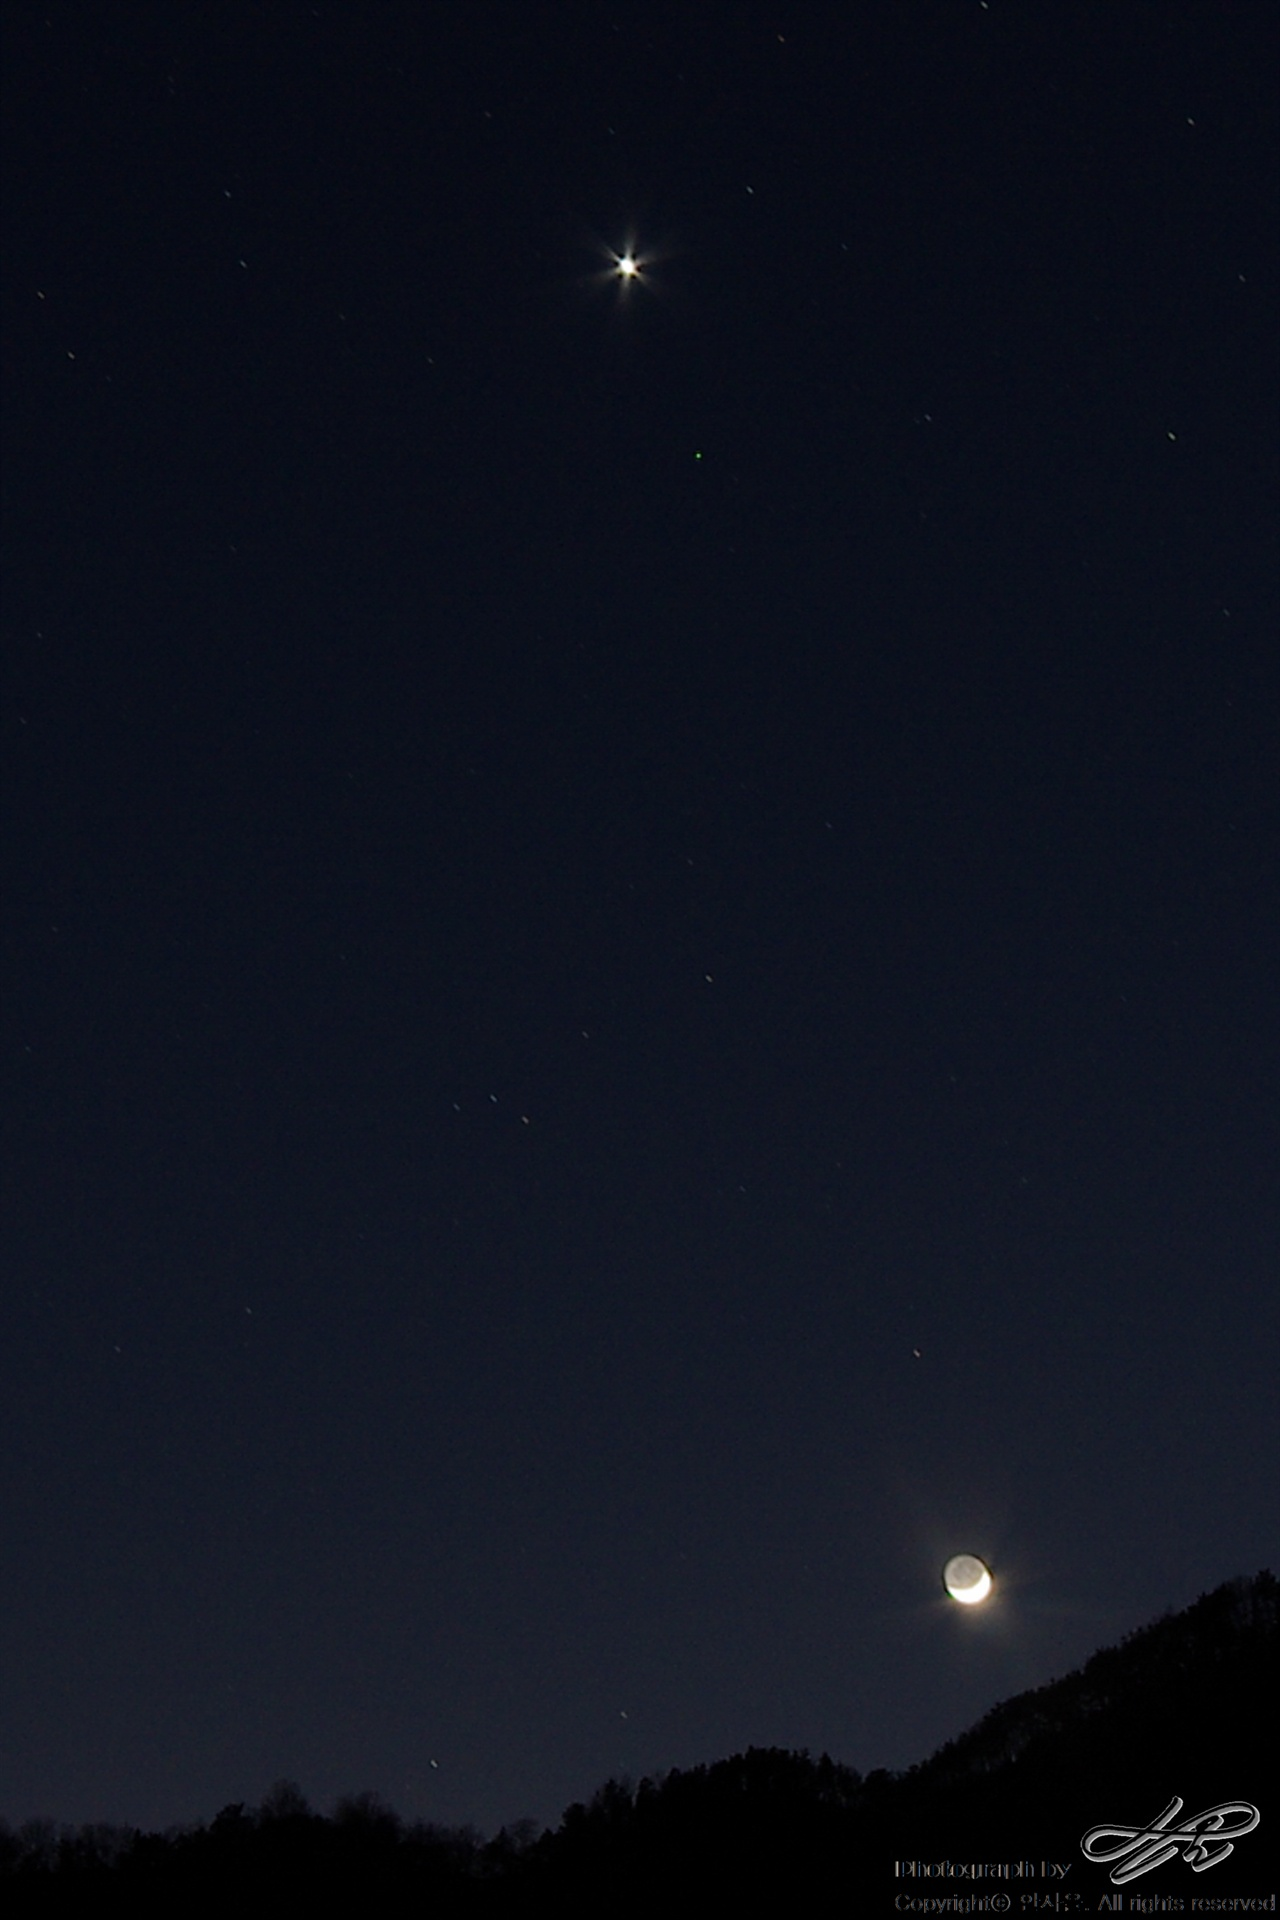 별과 달 디지털. 초승달과 금성이 함께 빛나고 있다. 초승달 모양 위로 어둑하게 모습을 드러낸 달 전체의 모습 또한 인상적이다.